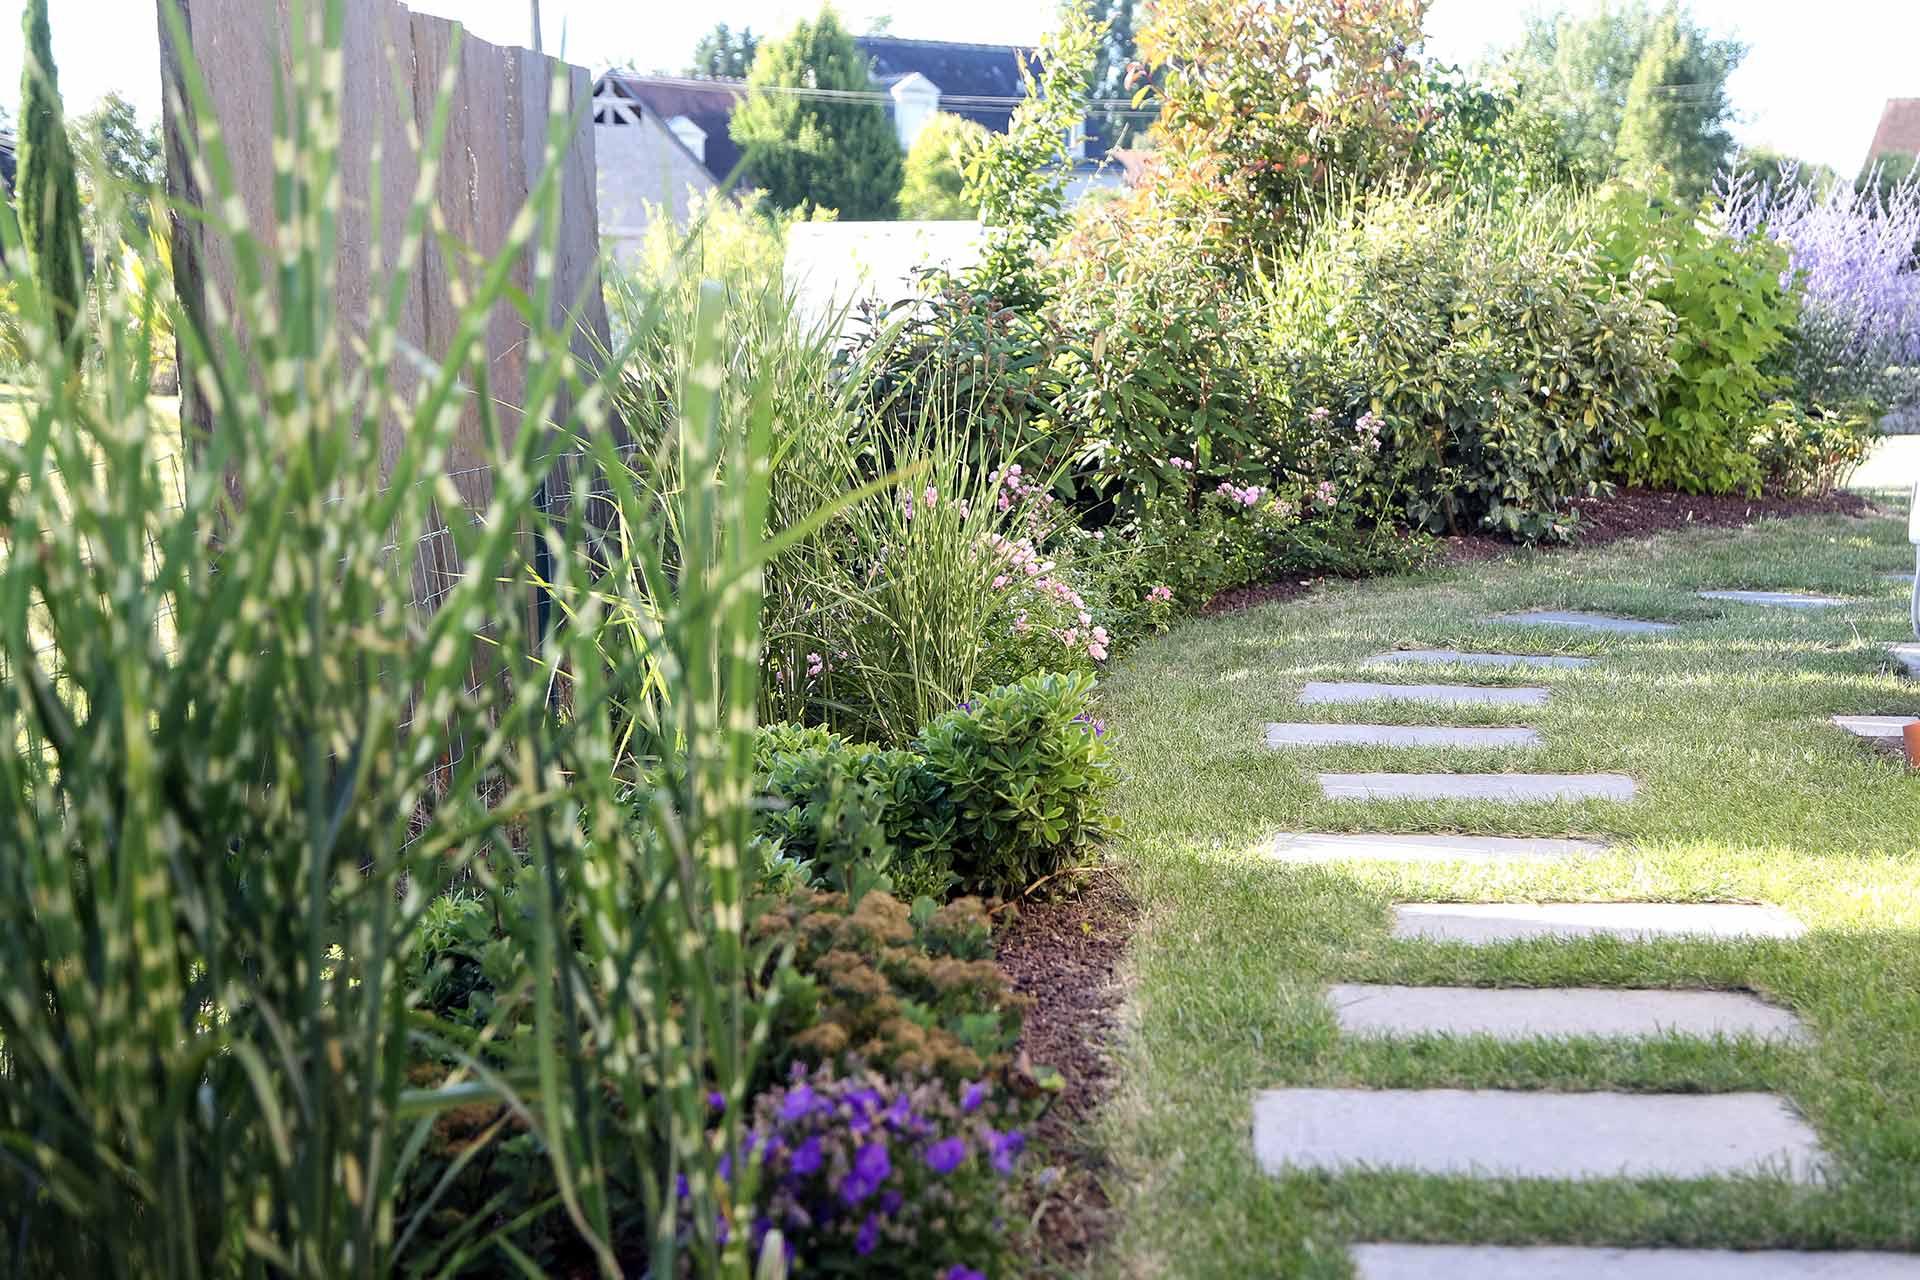 Agrémentez vos massifs avec des végétaux adpatés à votre jardin grace aux conseils de votre paysagiste.